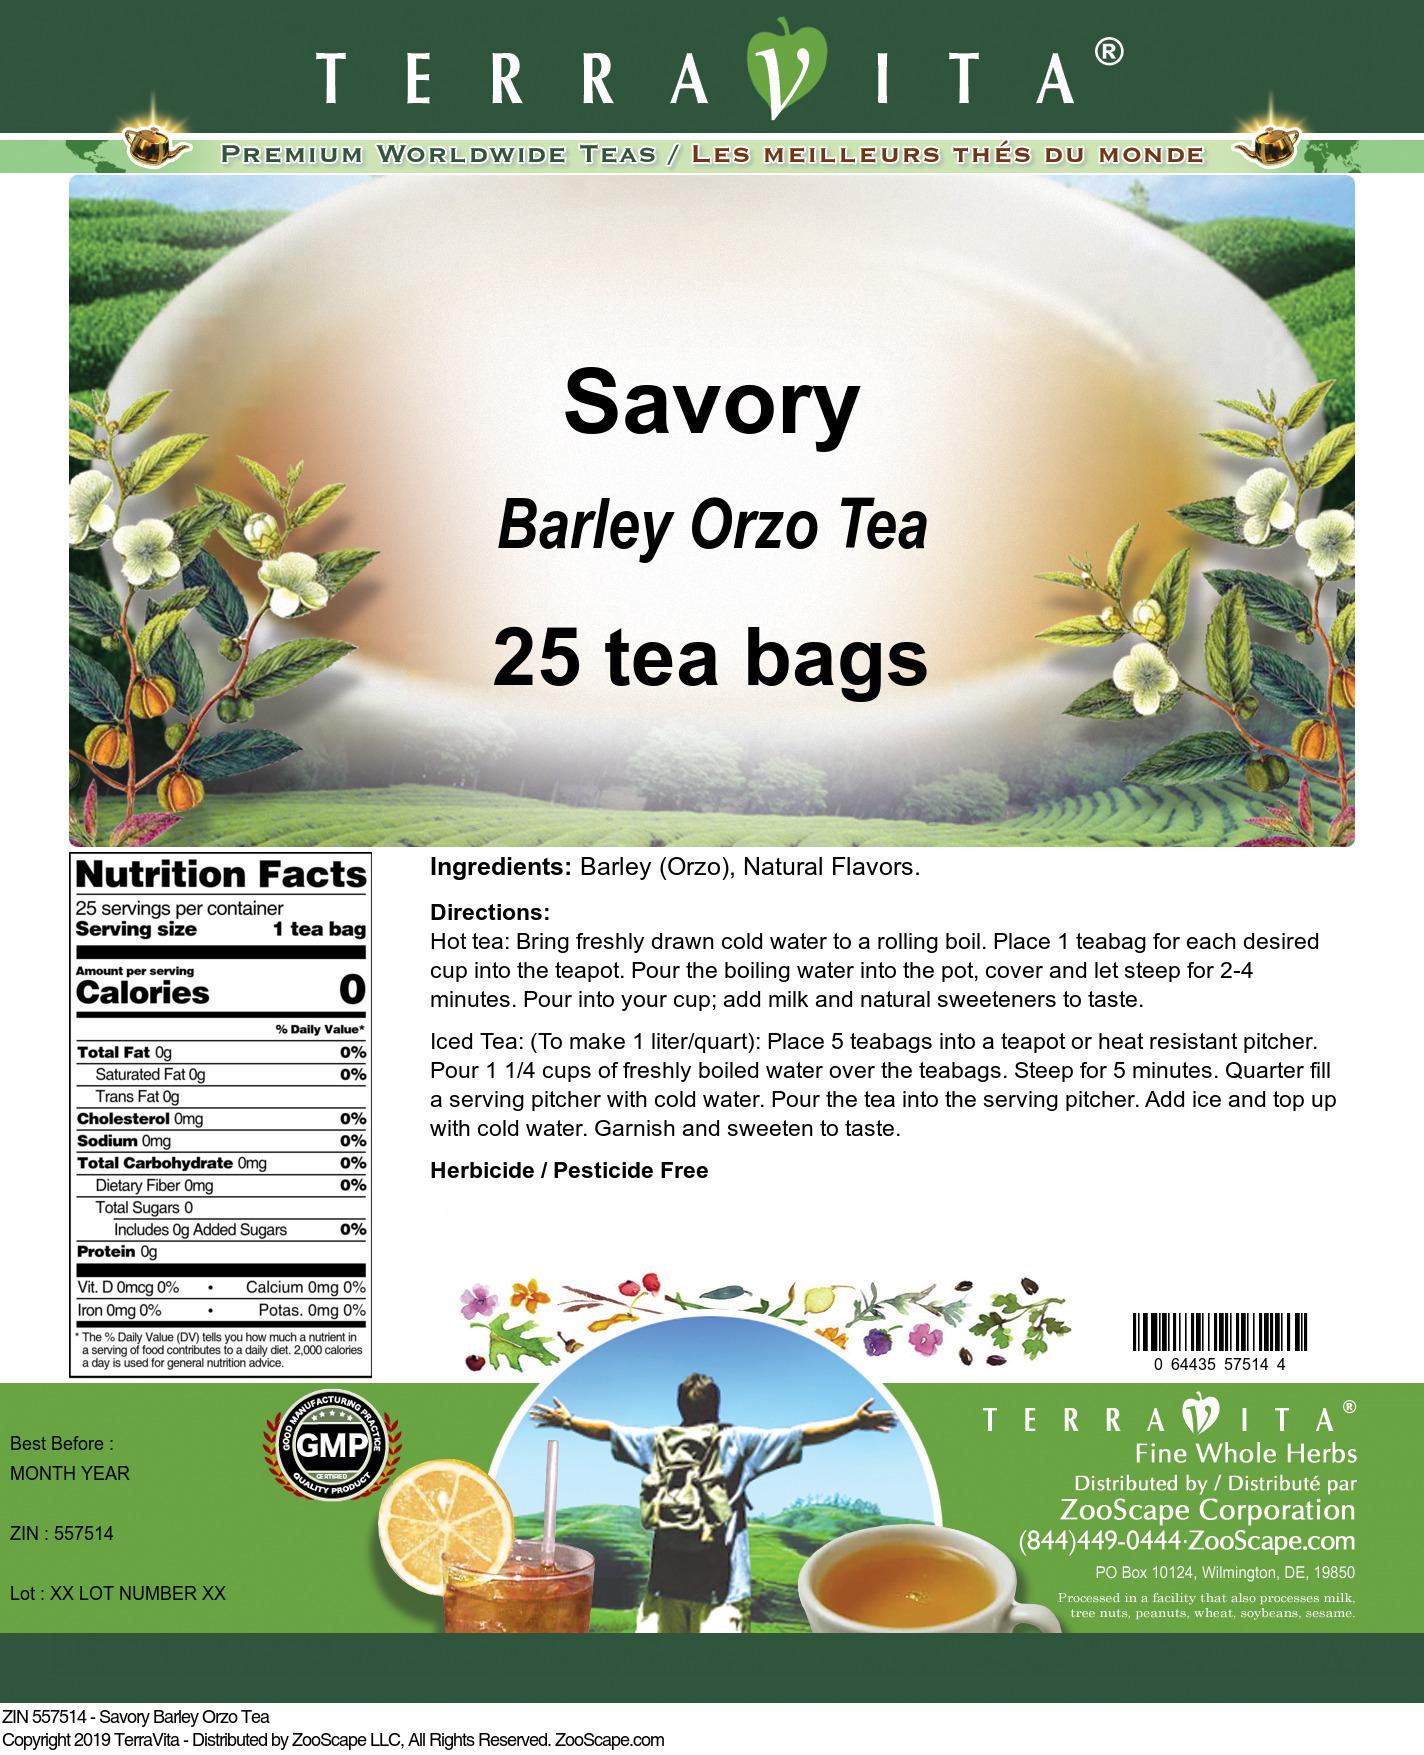 Savory Barley Orzo Tea